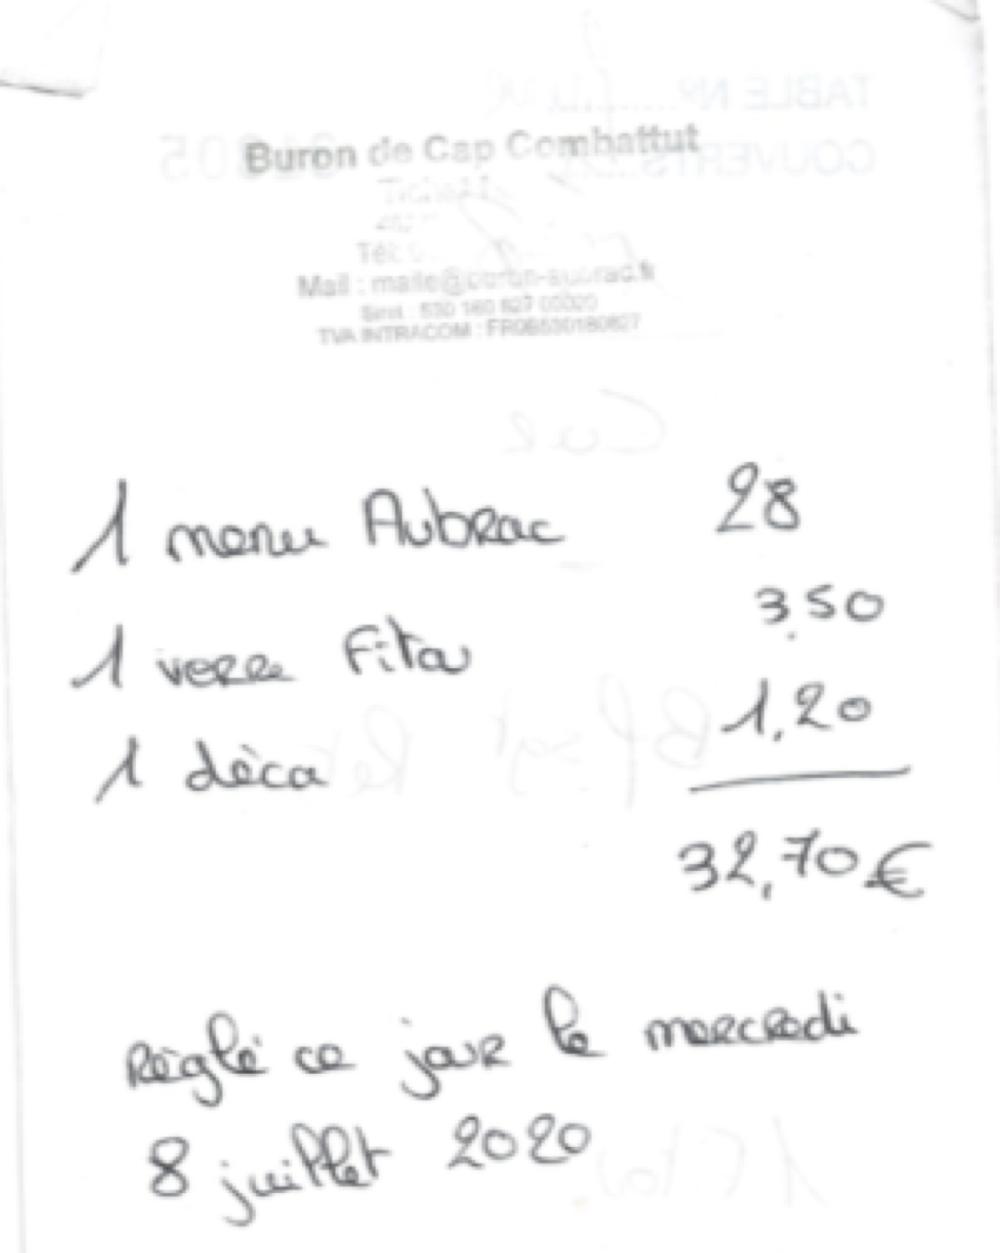 14_20_18_73_48260_Buron_de_Cap_Combattut.png